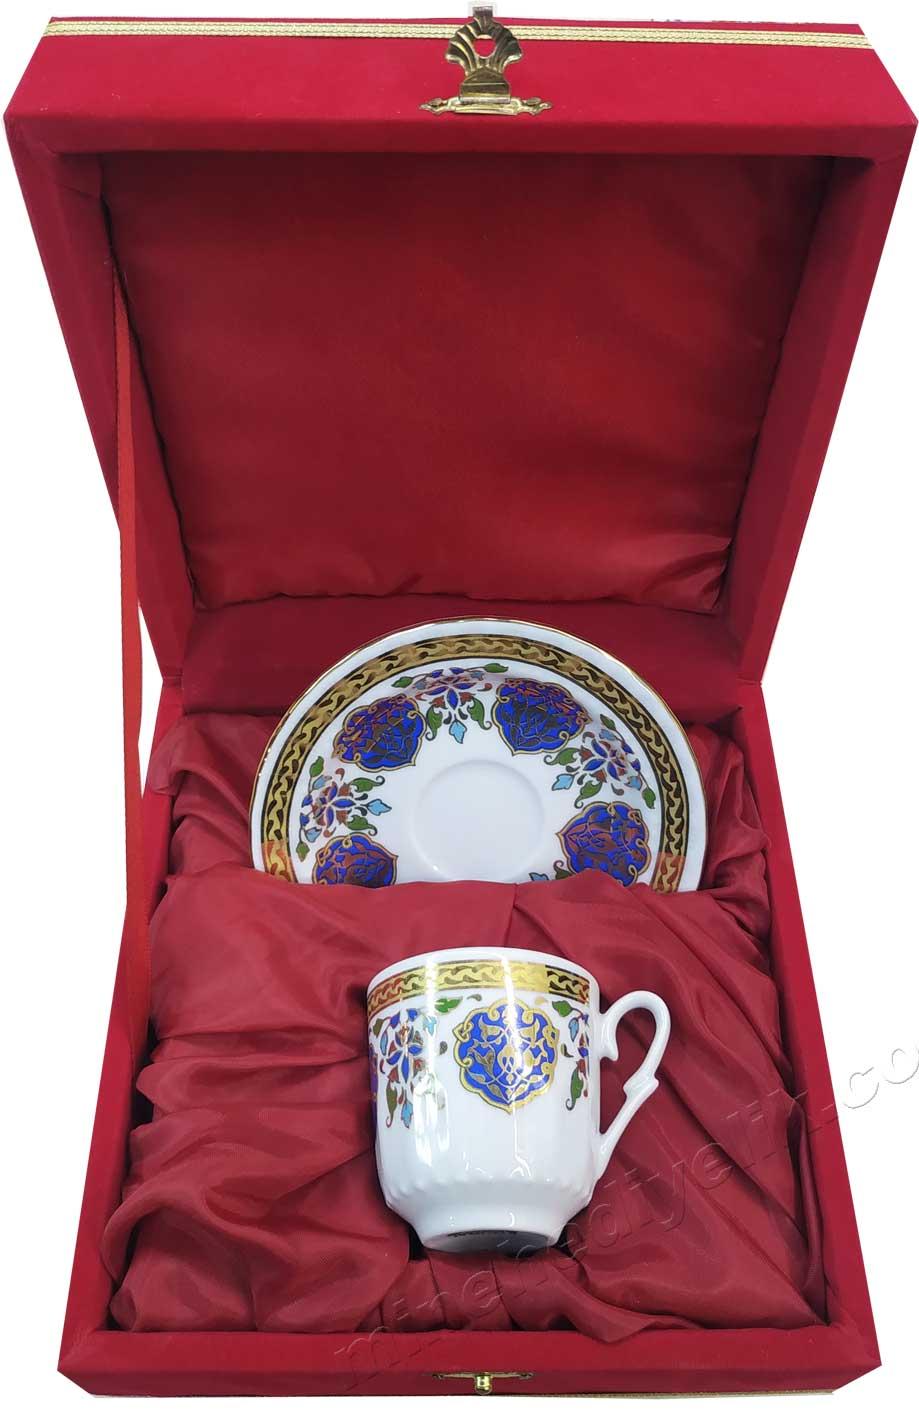 Logolu Promosyonluk Kahve Fincanı Toptan Fiyatları Hediyelik Kurumsal promosyon ürünleri Bir kişilik Kutulu Dekoratif Türk Kahvesi Fincan Setleri Ekonomik logolu tekli kahve fincan seti kutulu